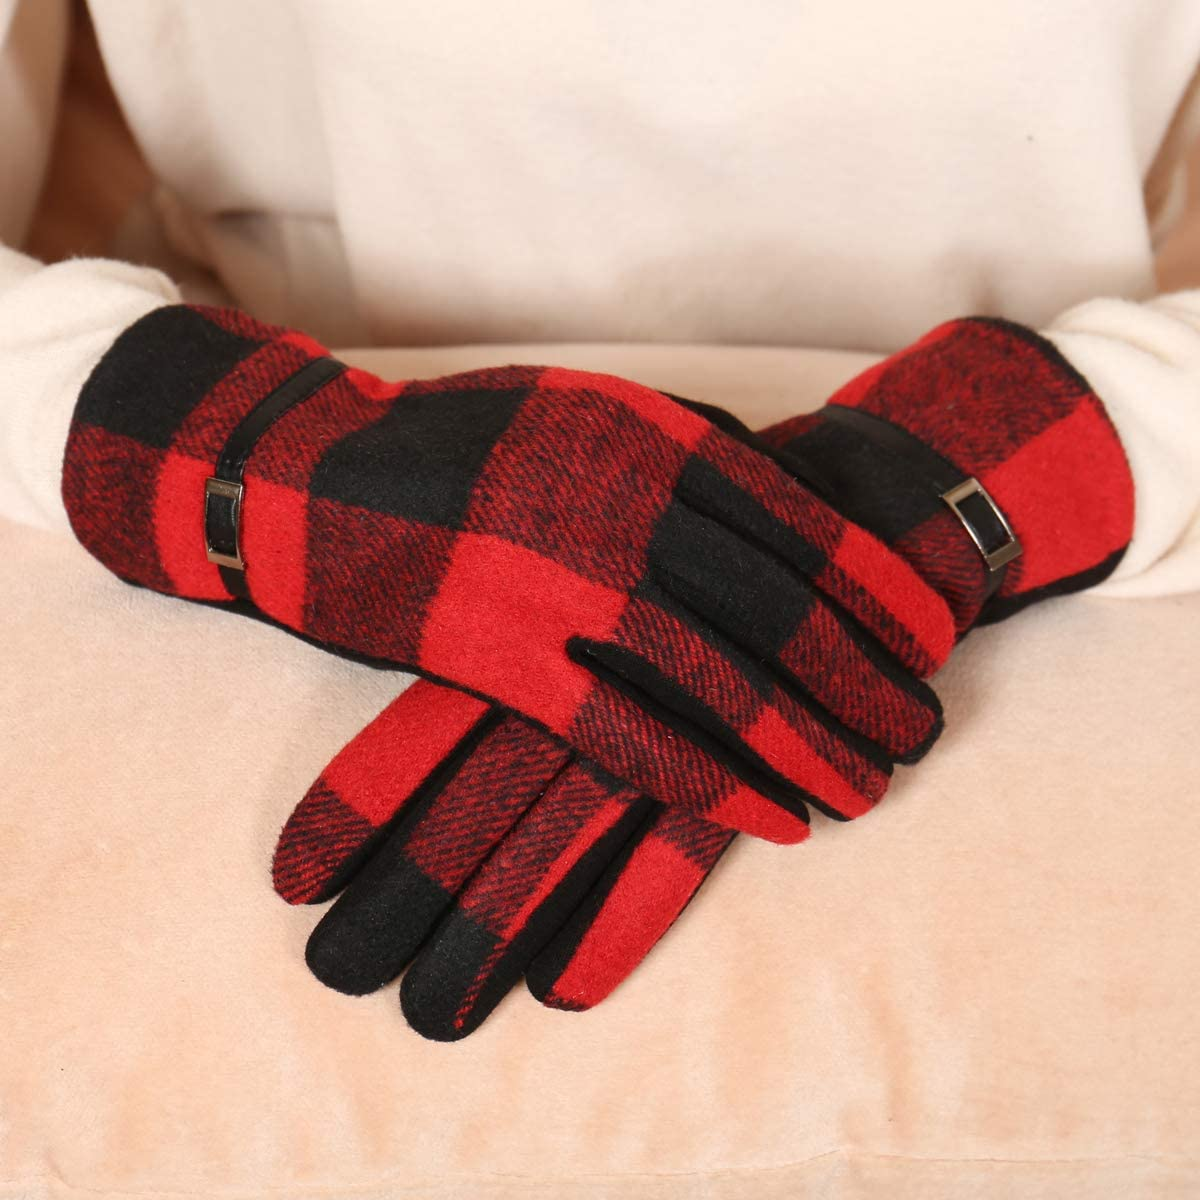 Womens Touch-Screen Gloves - Winter Gloves Warm Lightweight Fleece Driving Smart Phone Touch Tech Glove Leopard